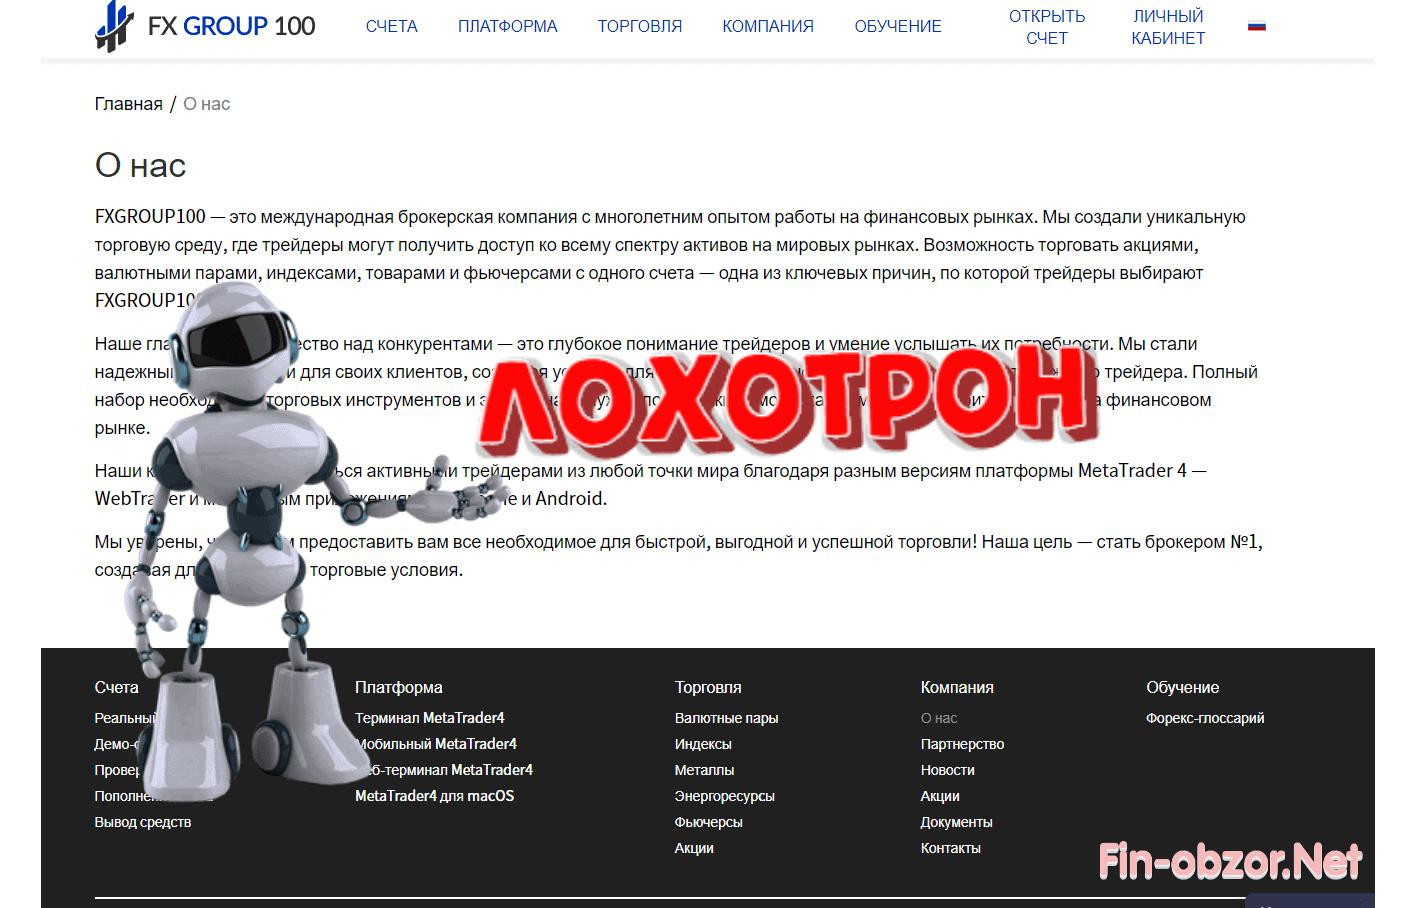 Обзор сайта fxgroup100.com